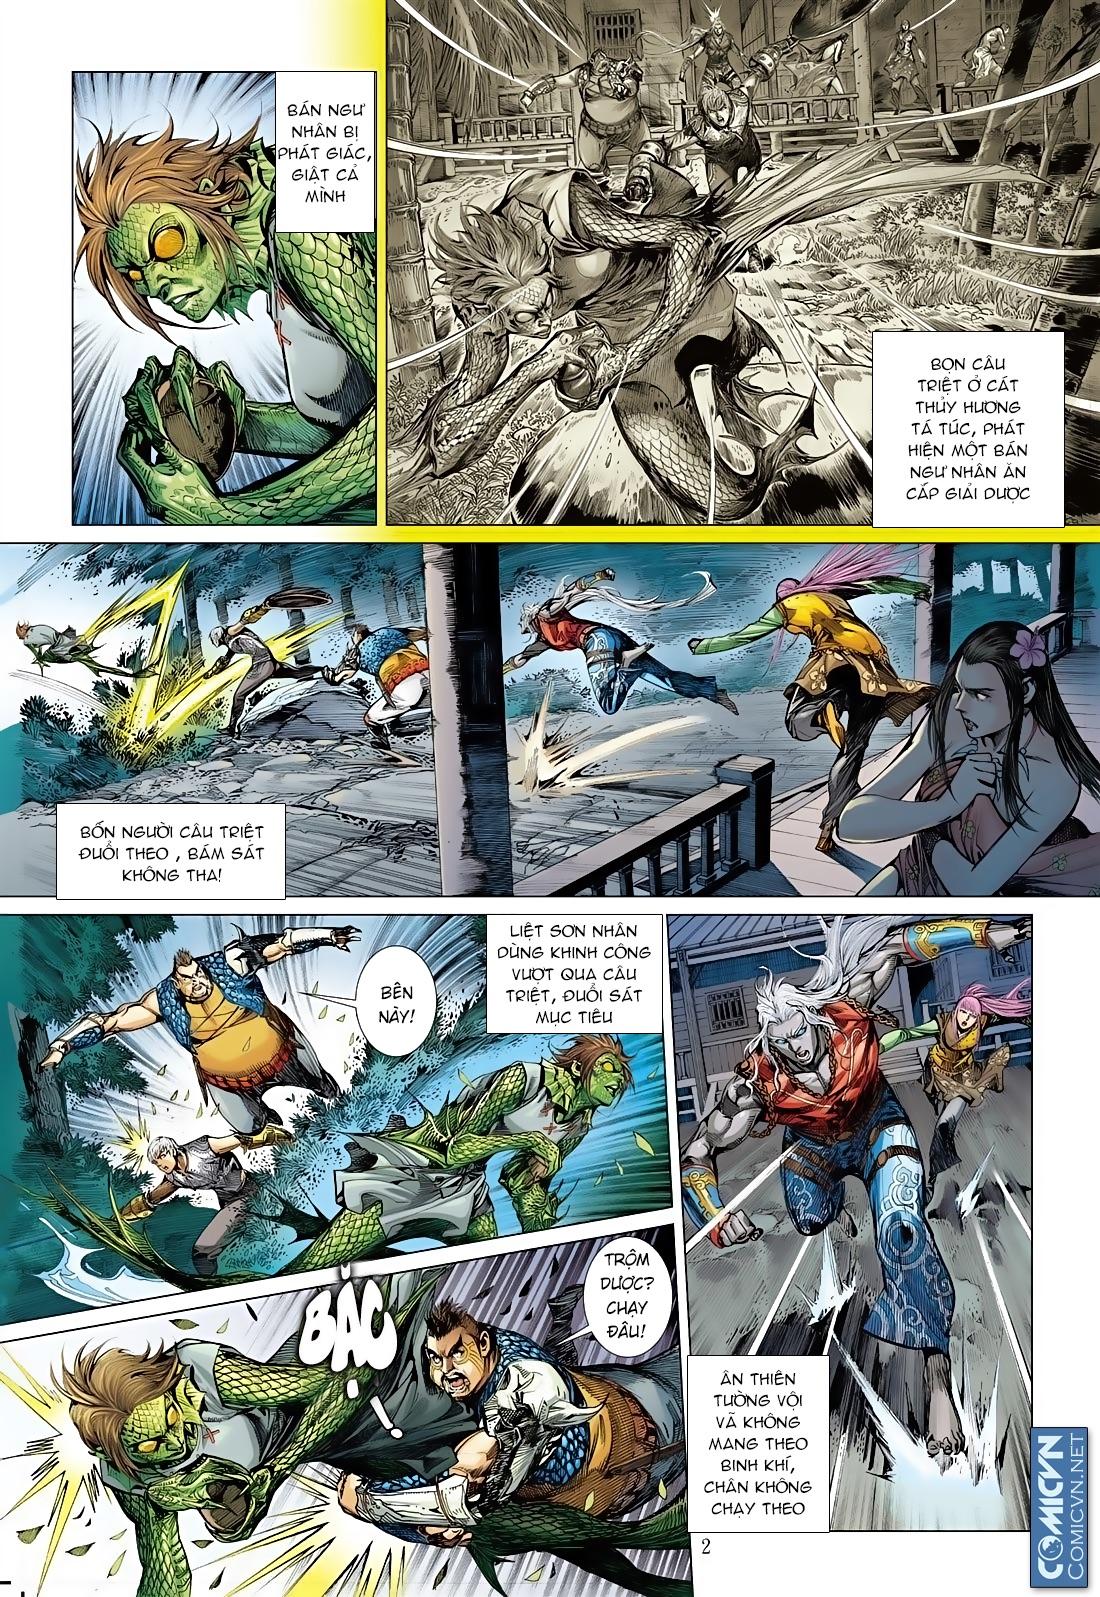 Tối Cường Khí Thiếu Chapter 15 - Trang 2